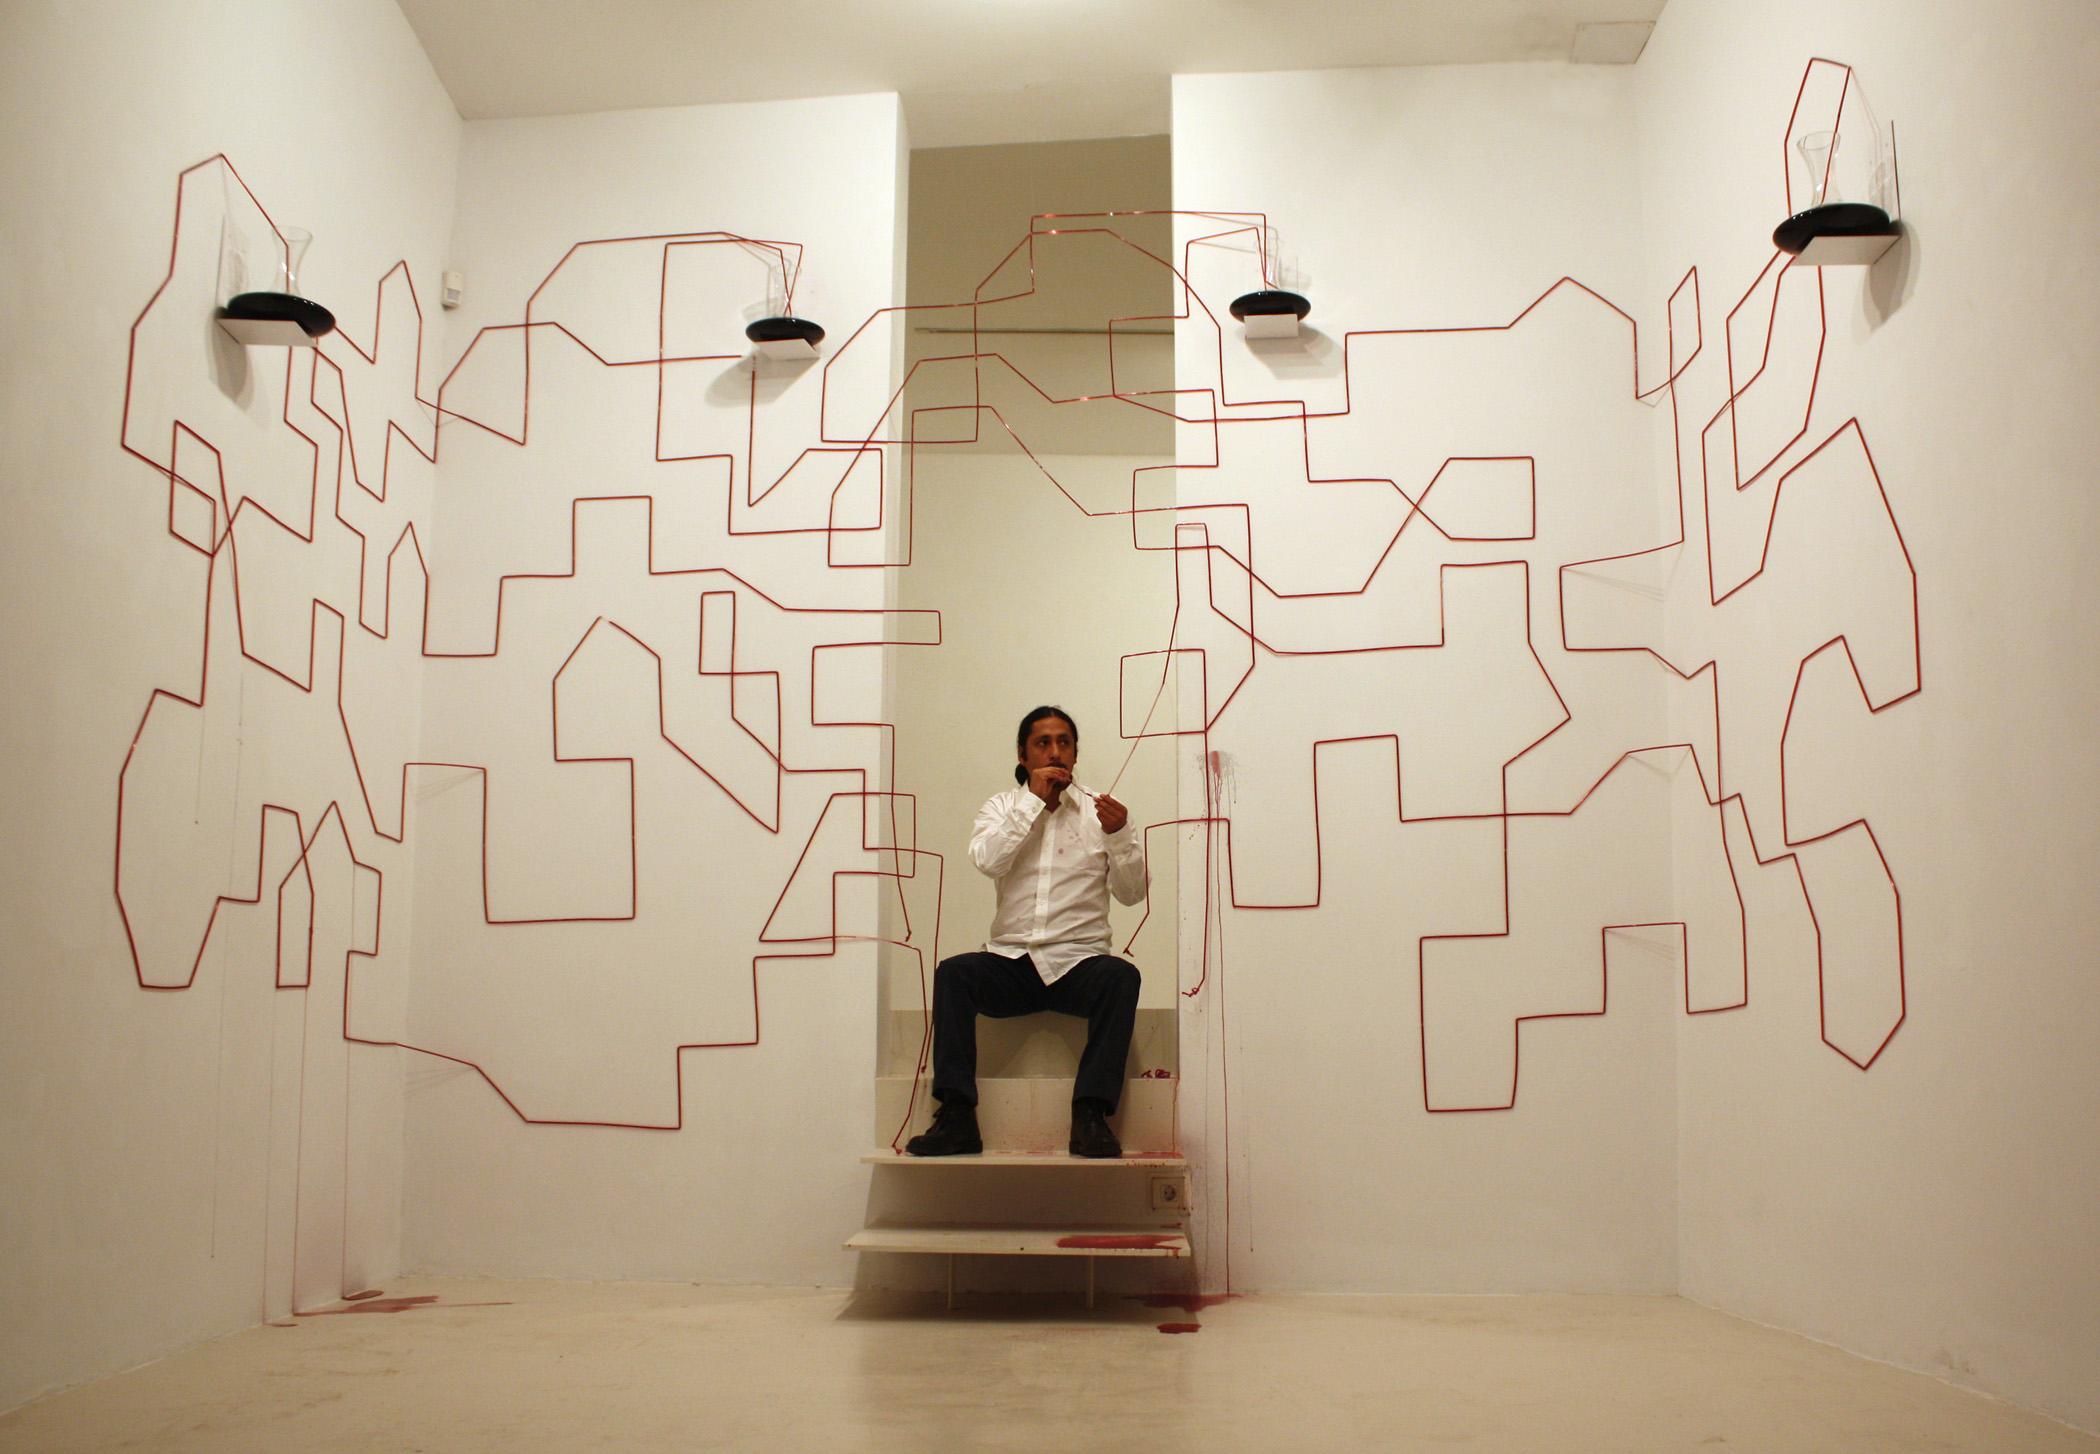 Performance Mapa Vascular en la Galería Maior de Palma, 2011